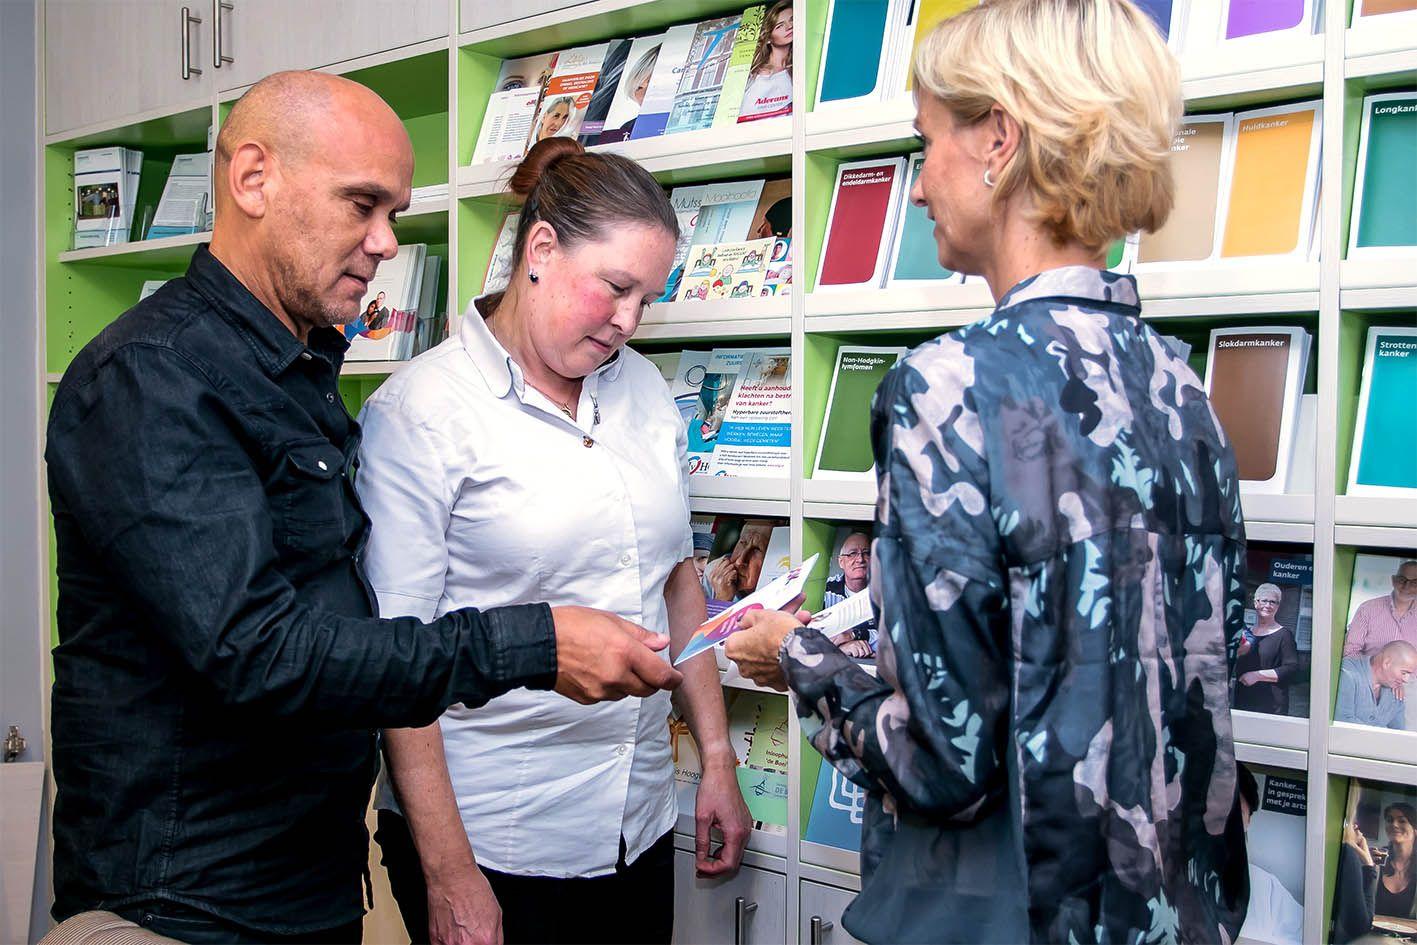 Advies op maat _Stichting OOK_Optimale Ondersteuning bij kanker